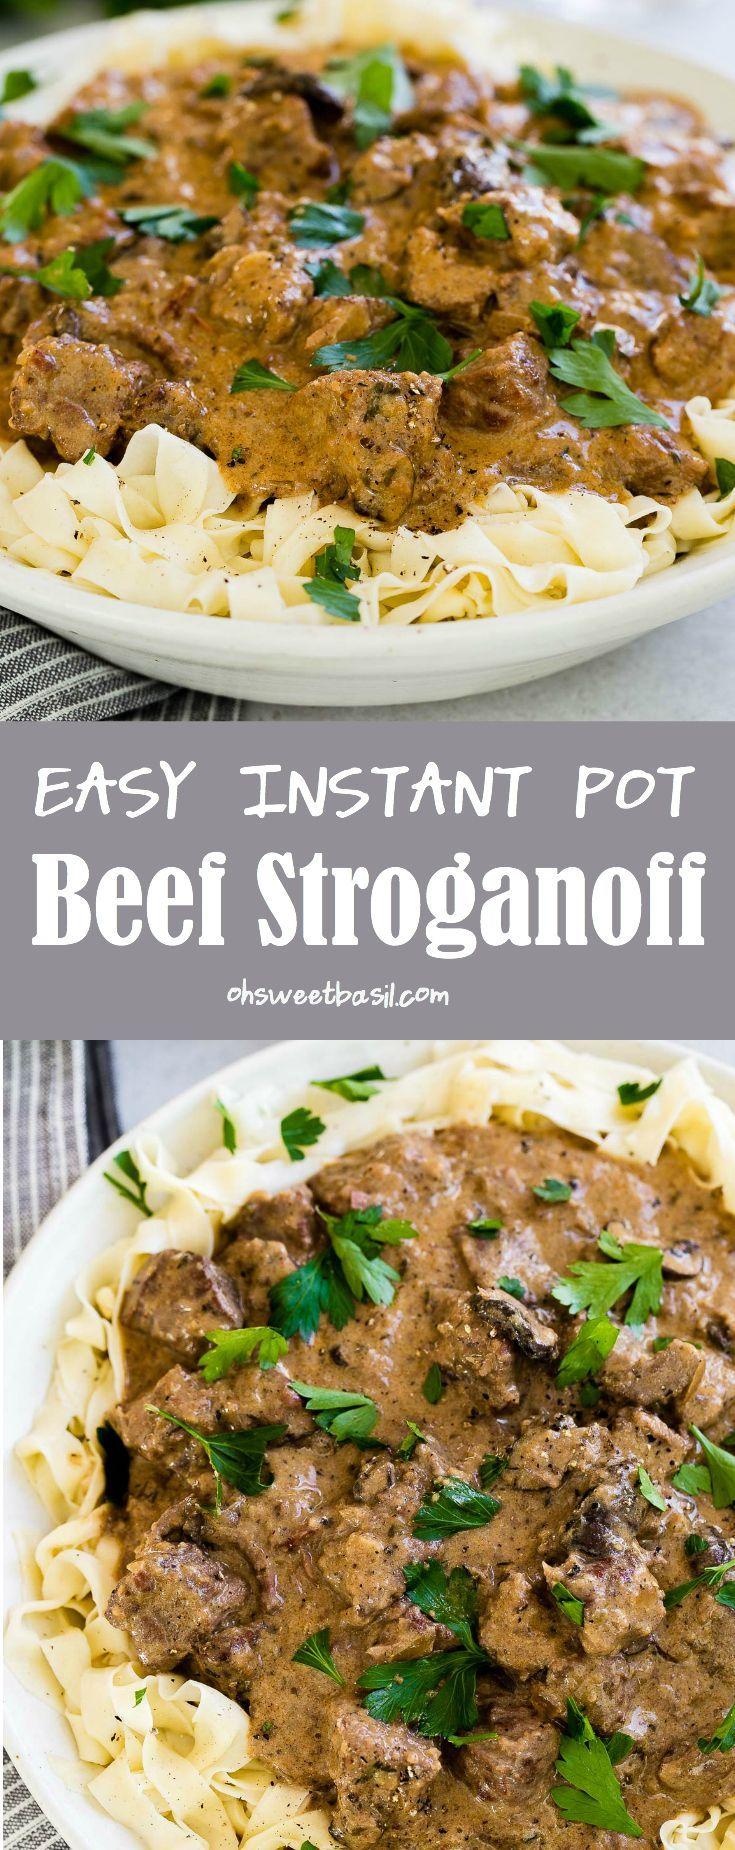 Easy Instant Pot Beef Stroganoff Recipe Beef Stroganoff Instant Pot Recipe Beef Recipes Food Recipes